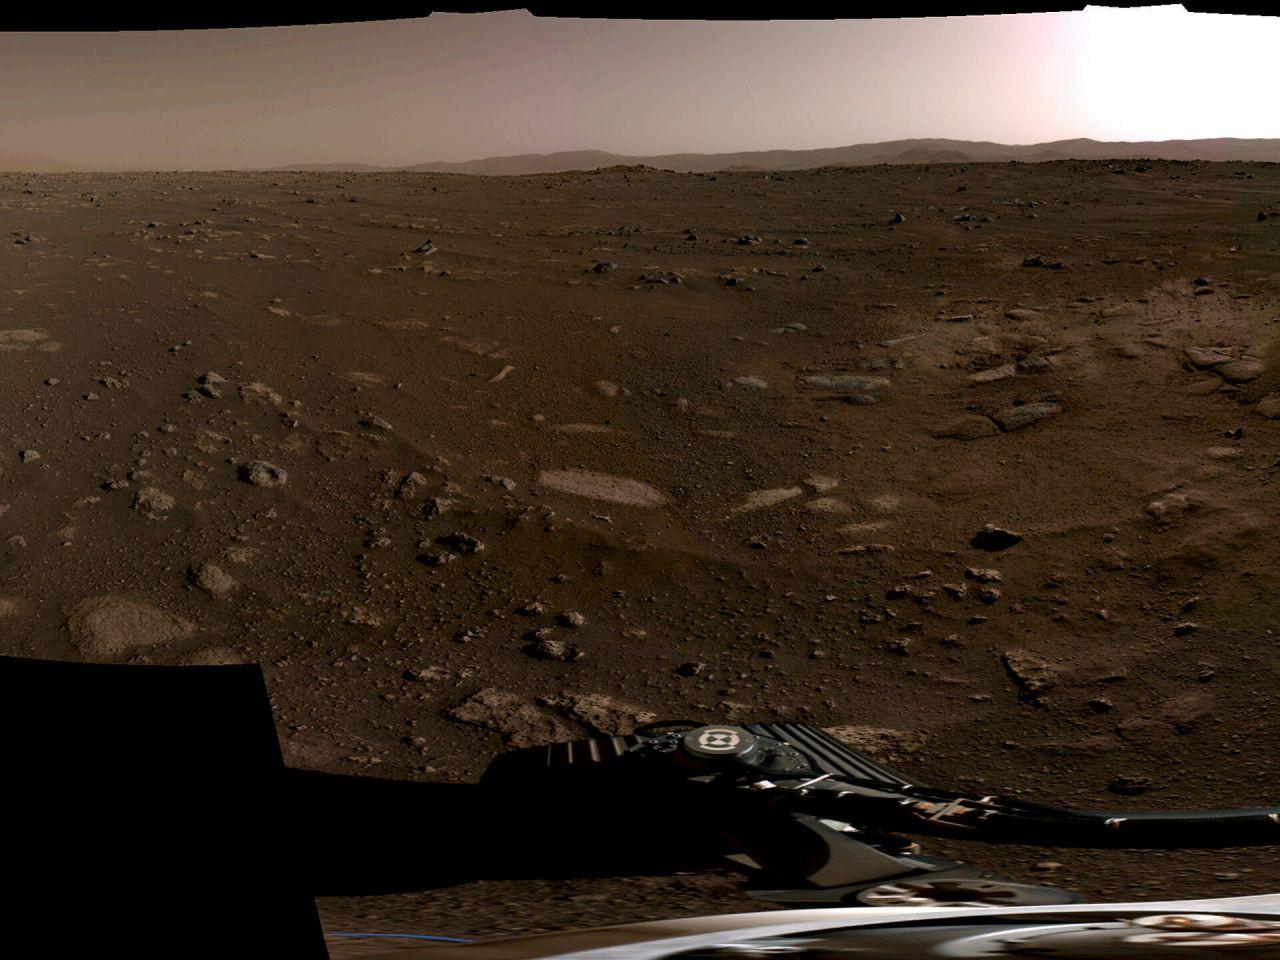 Mars'tan ilk kaya örneği alındı - Sayfa 2